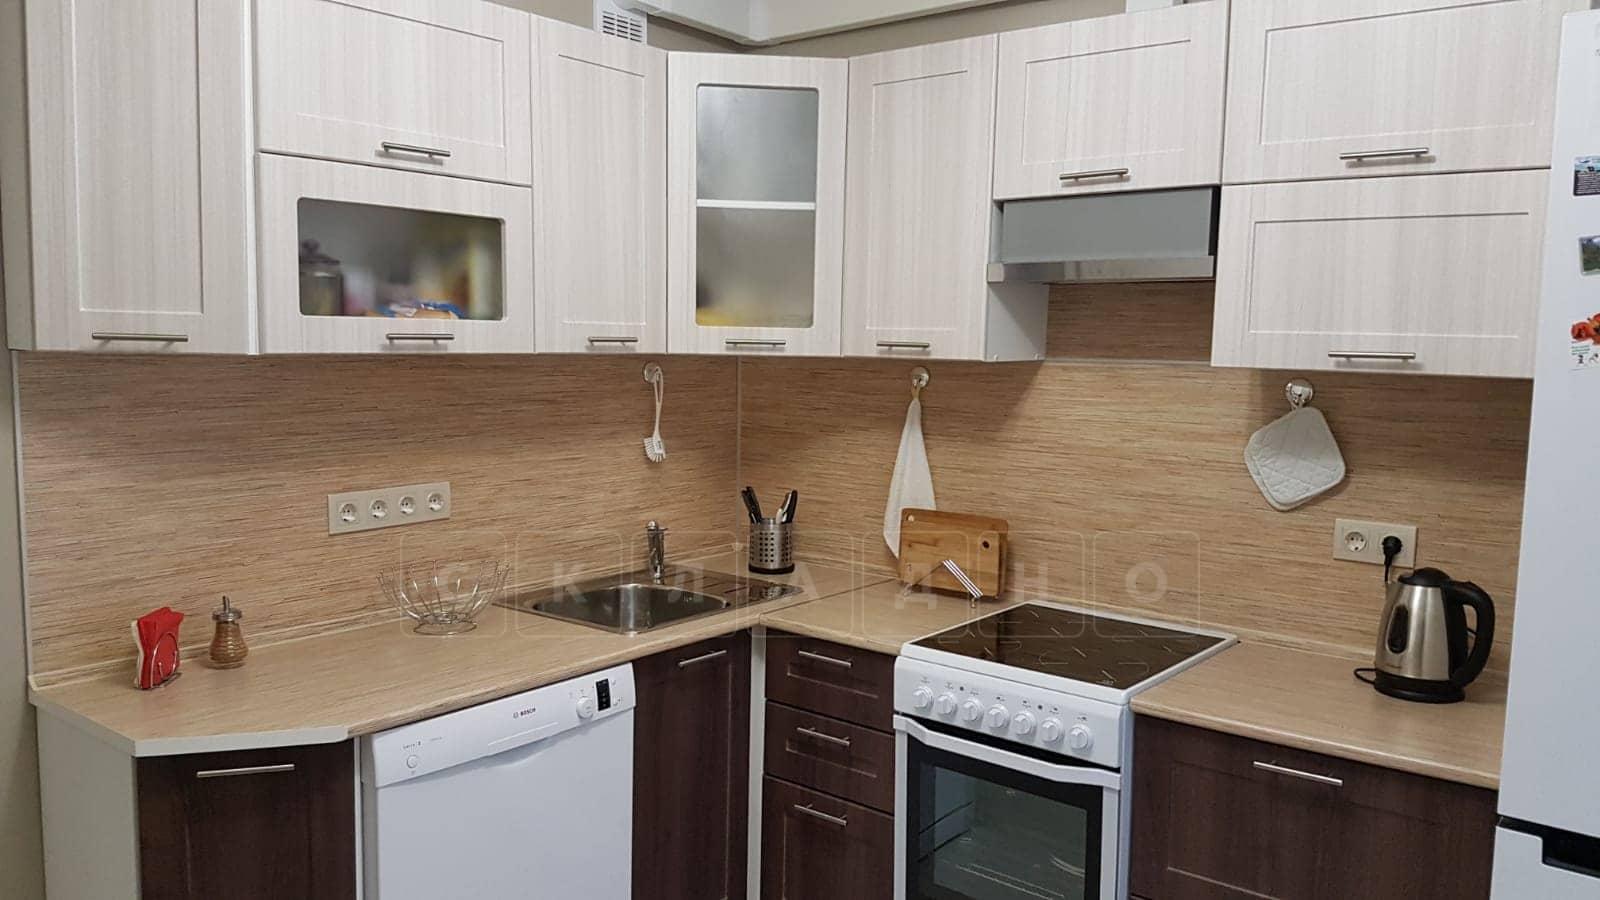 Кухонный гарнитур Лофт 2,0 м фото 2 | интернет-магазин Складно